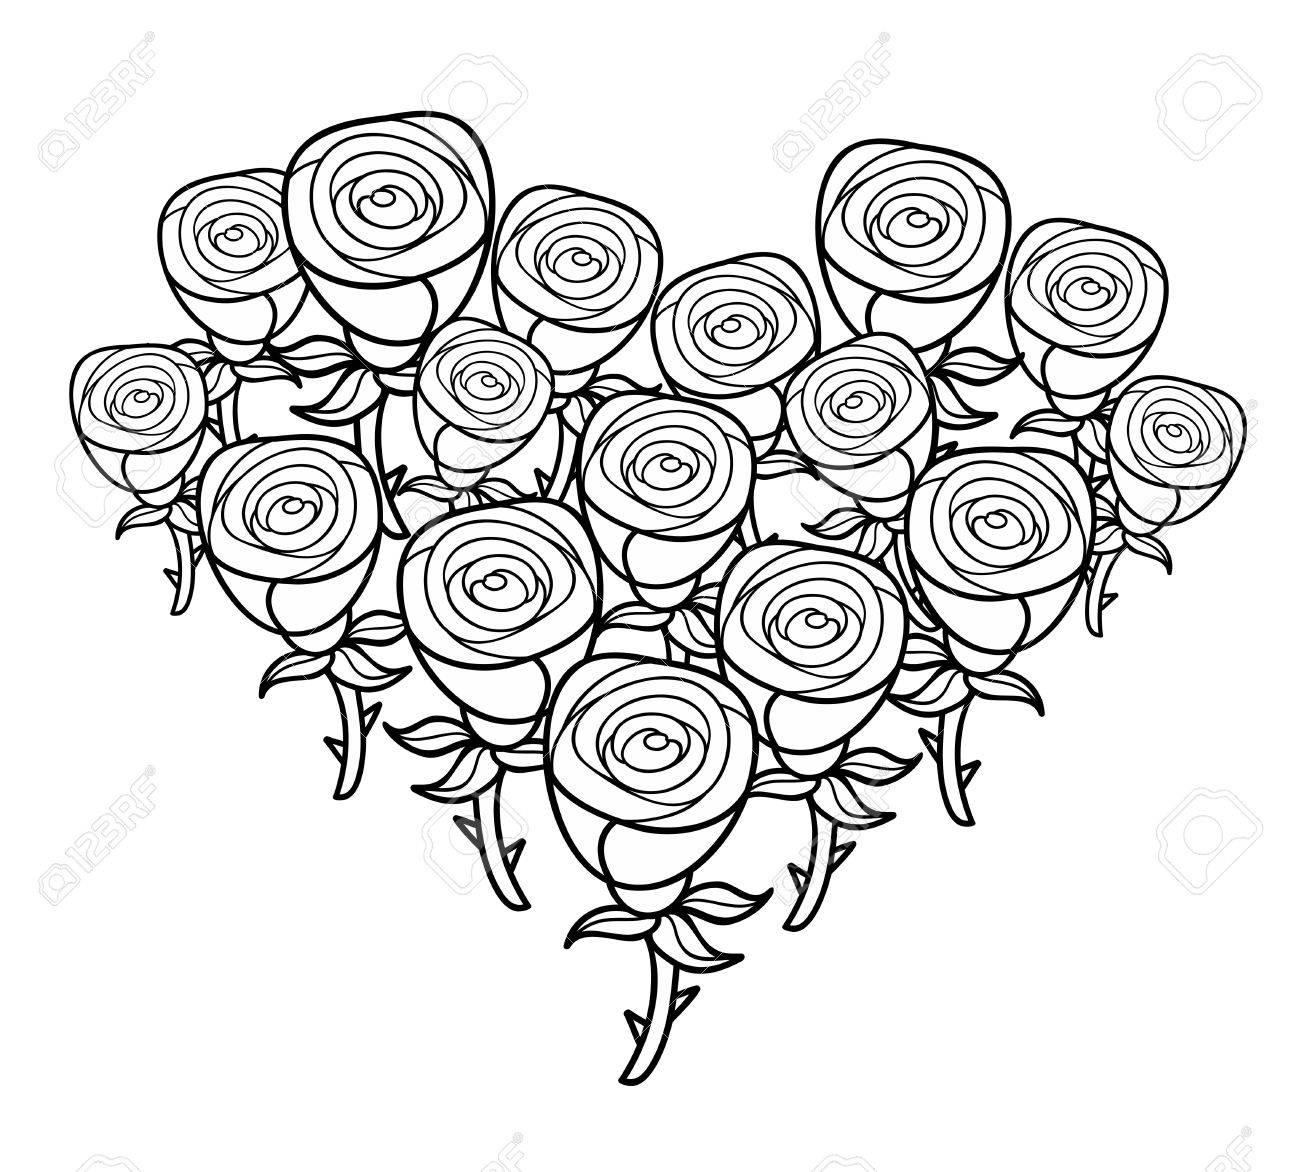 Imagen Para Colorear Rosas Dibujo De Vidriera Rosa Para Colorear